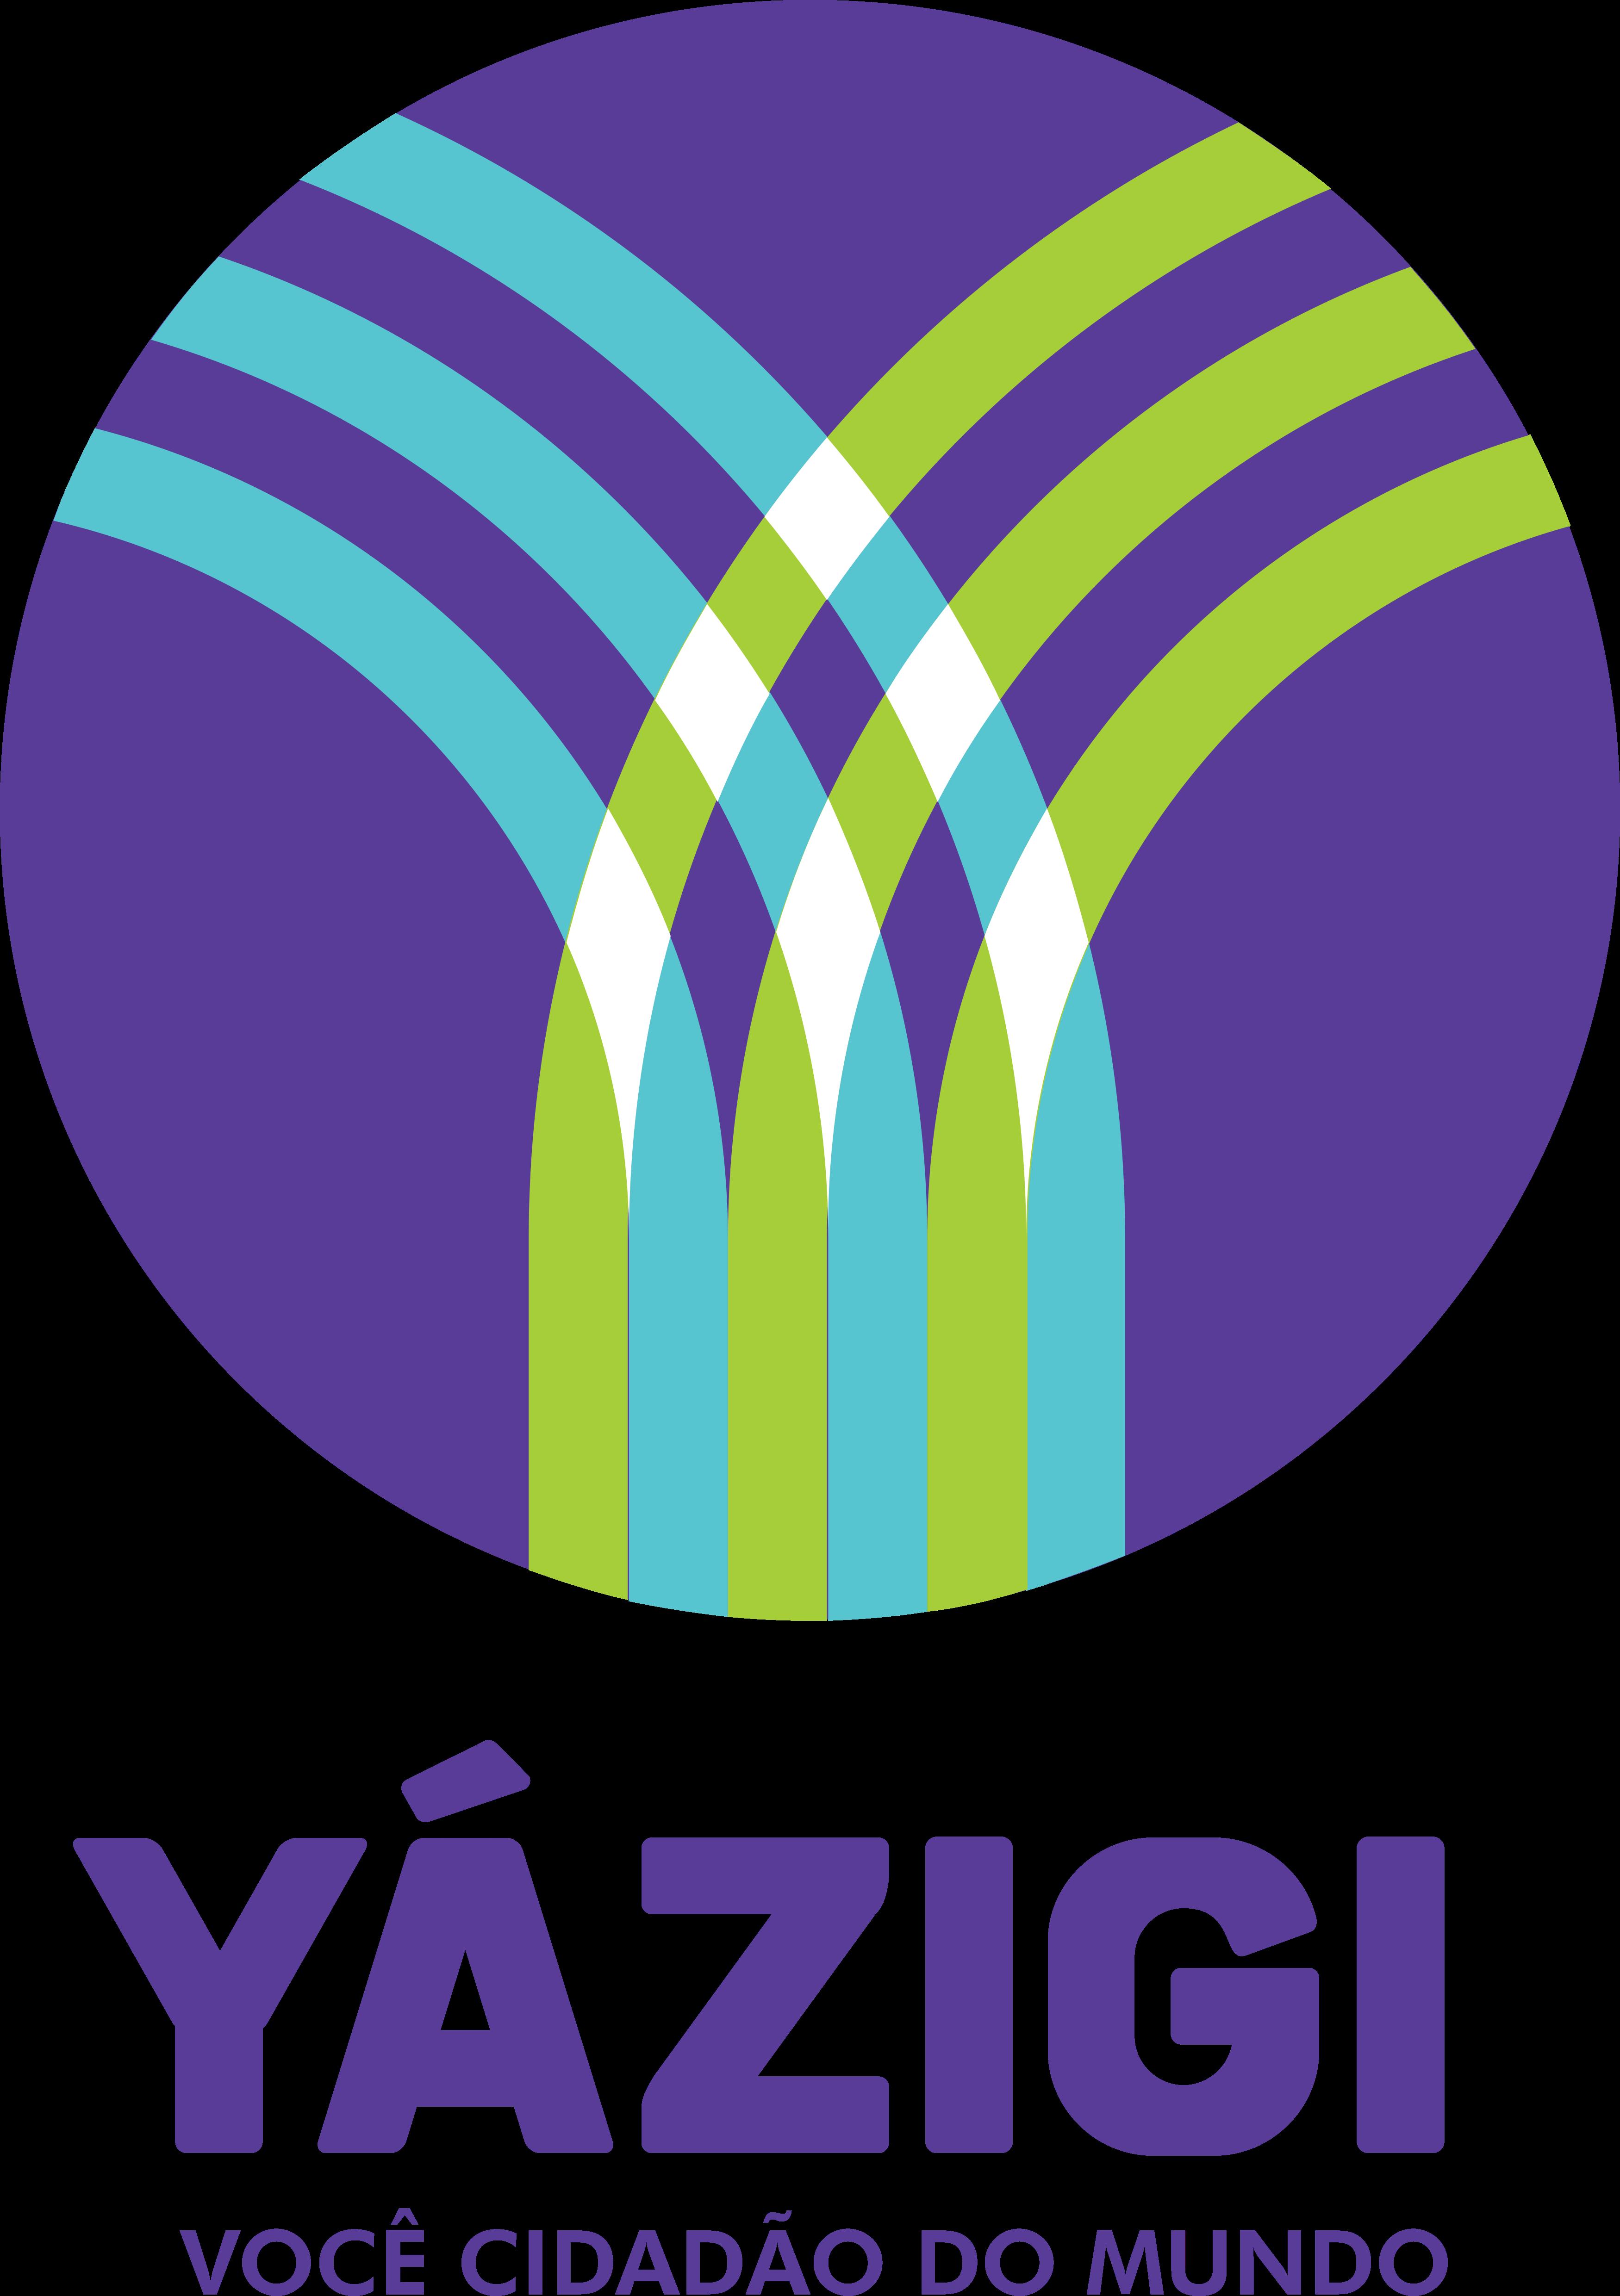 yazigi-logo